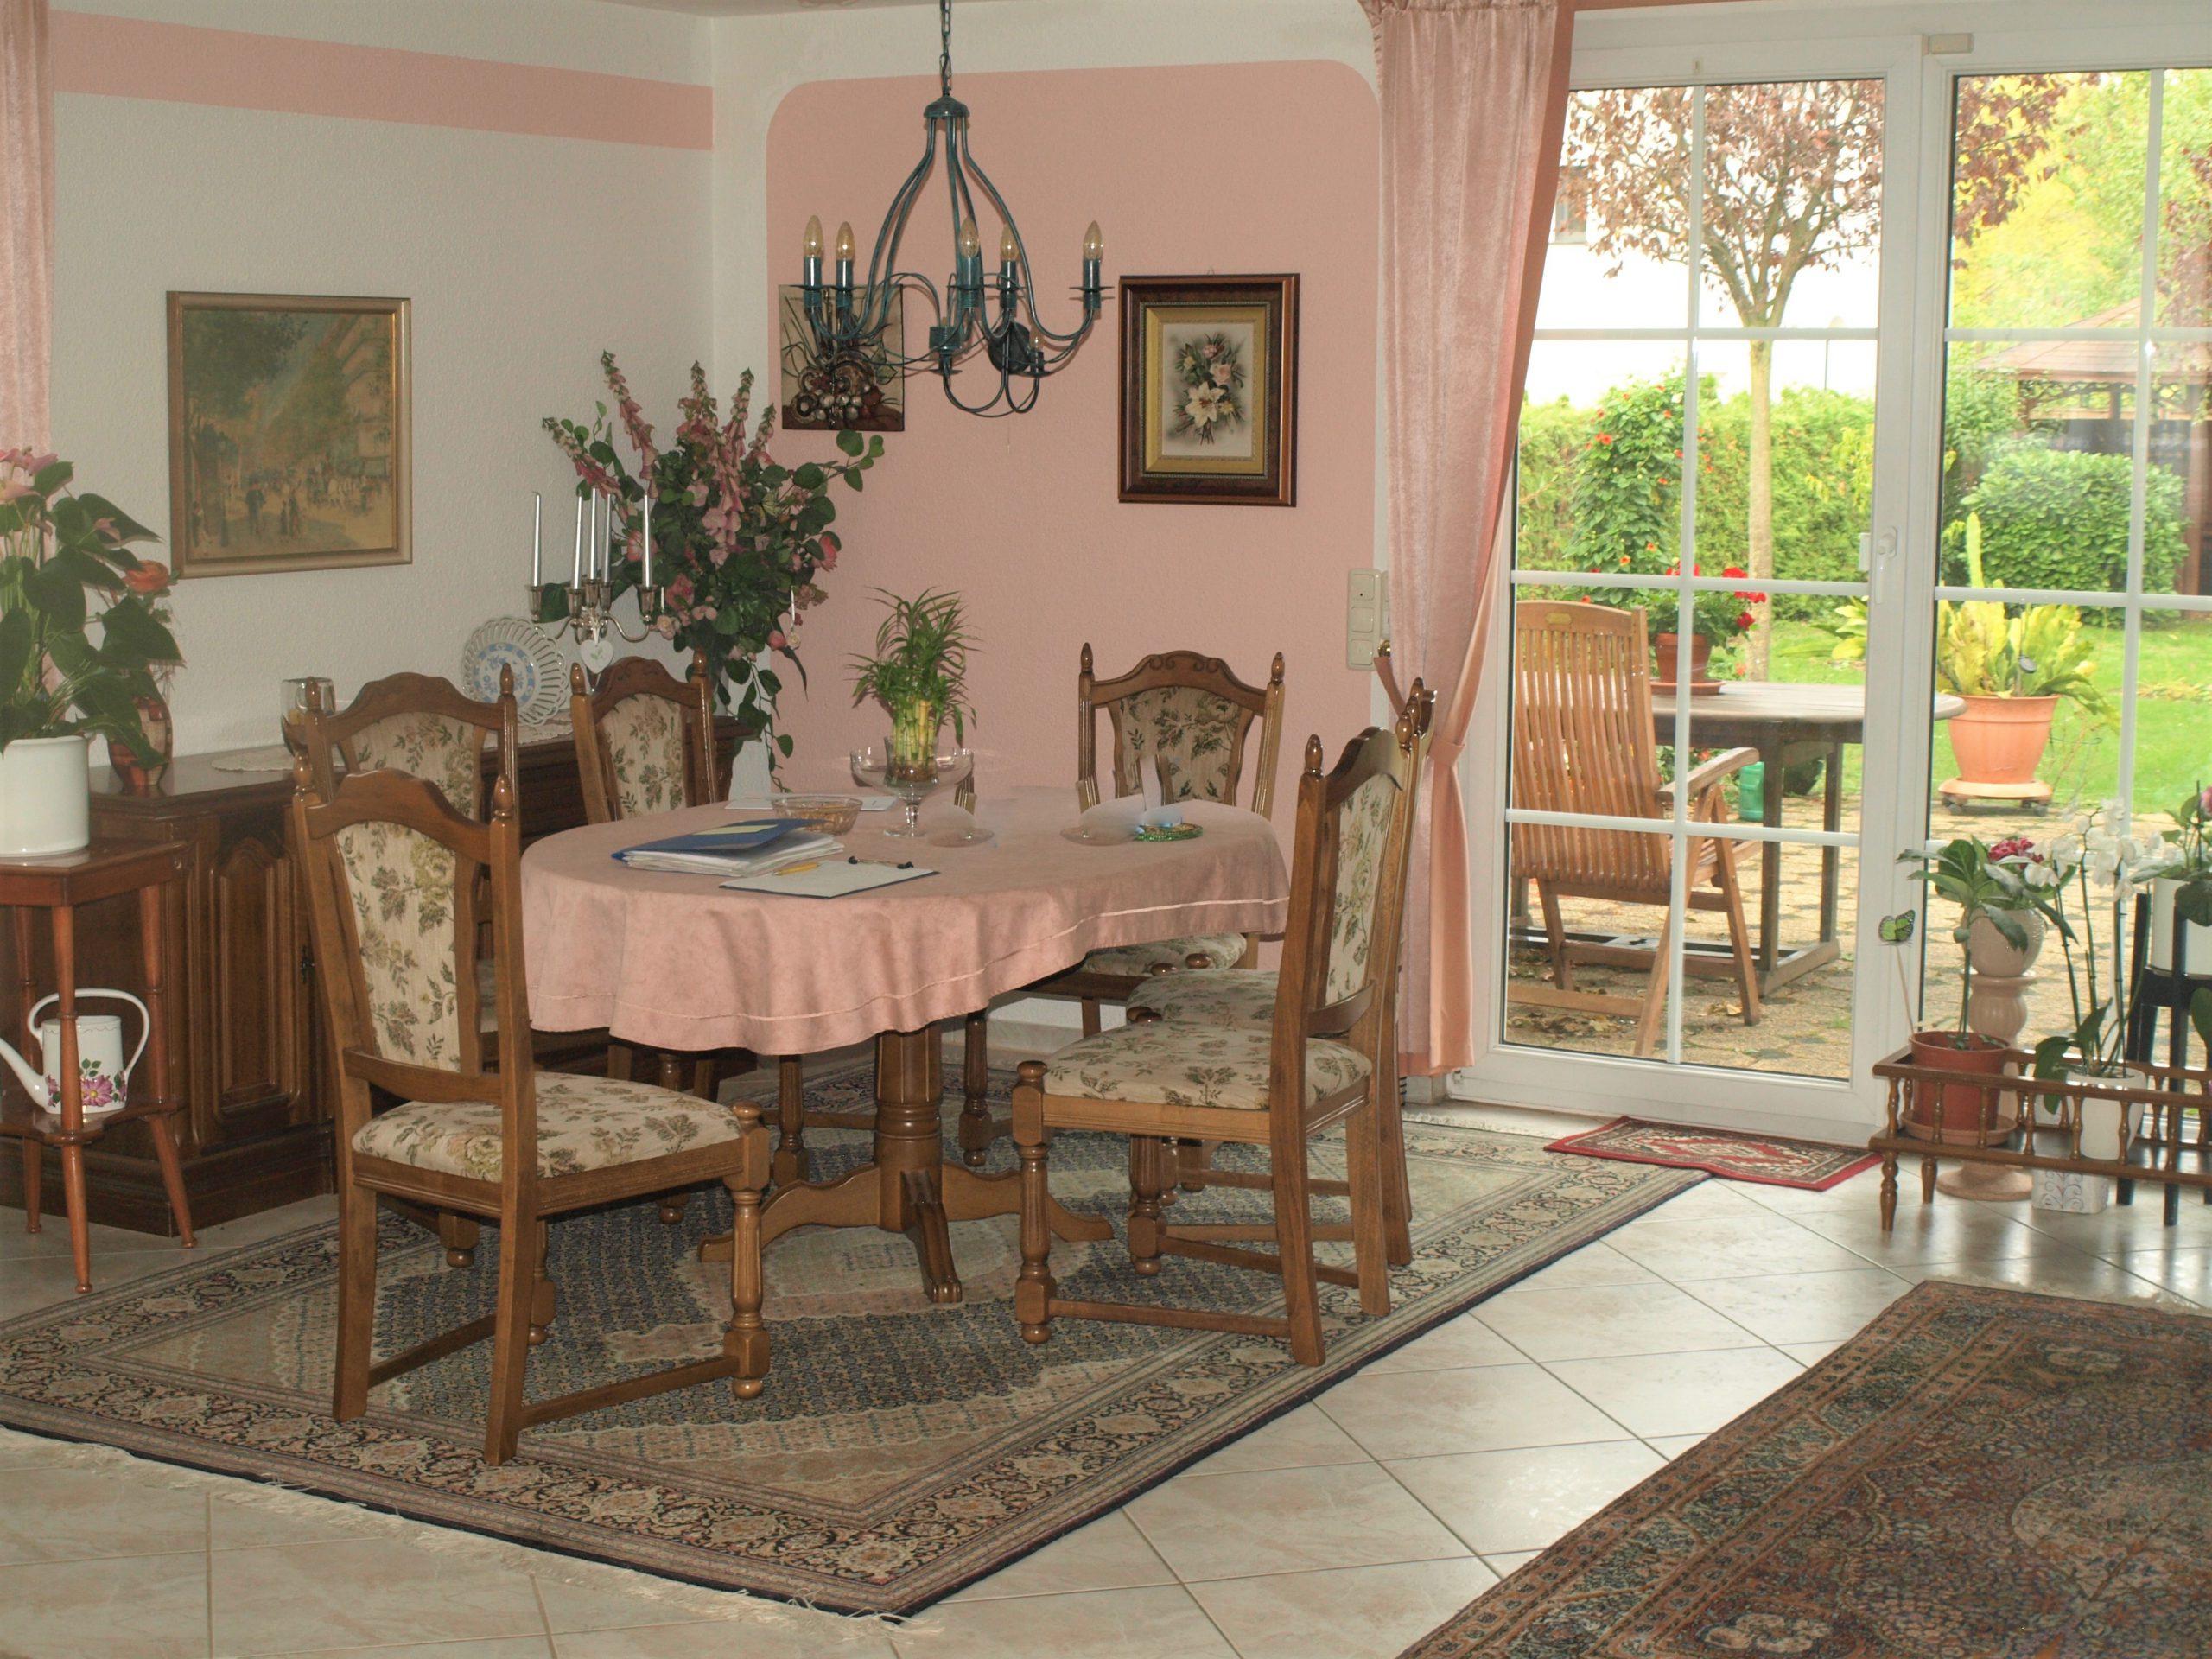 Einfamilienhaus Merseburg - Wohnzimmer mit Gartenblick